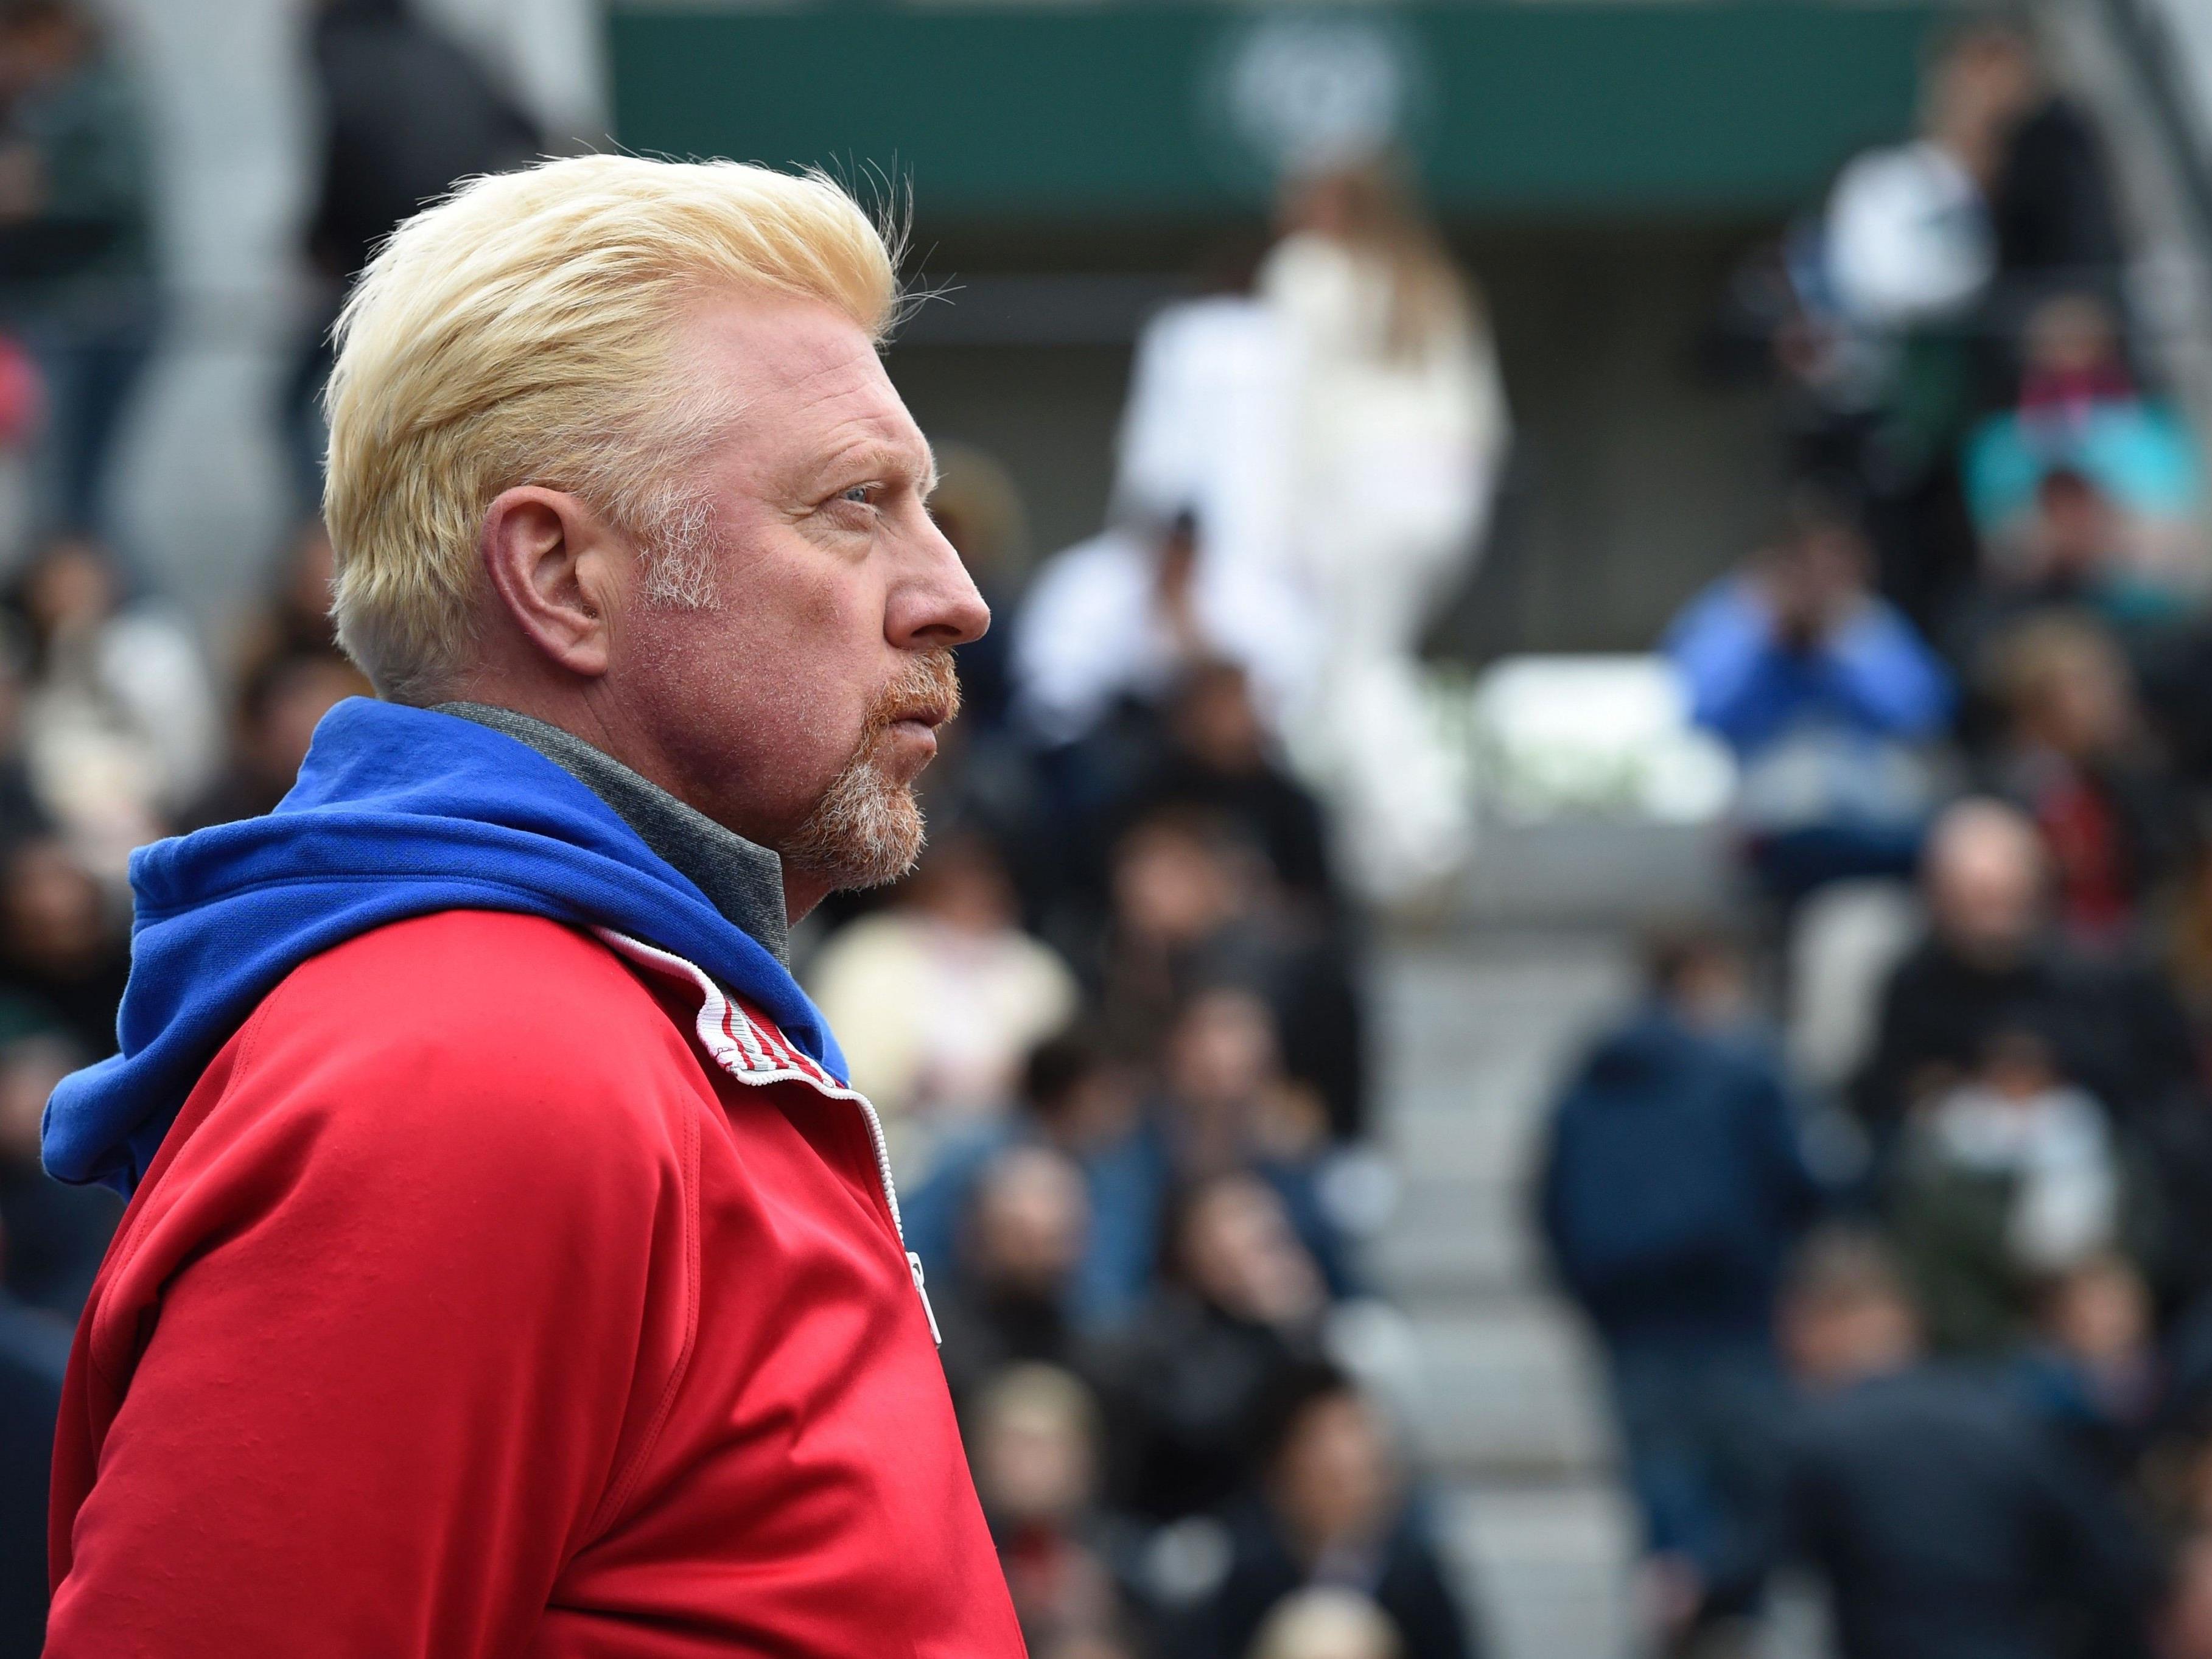 Becker verdiente als Tennisspieler Millionen.